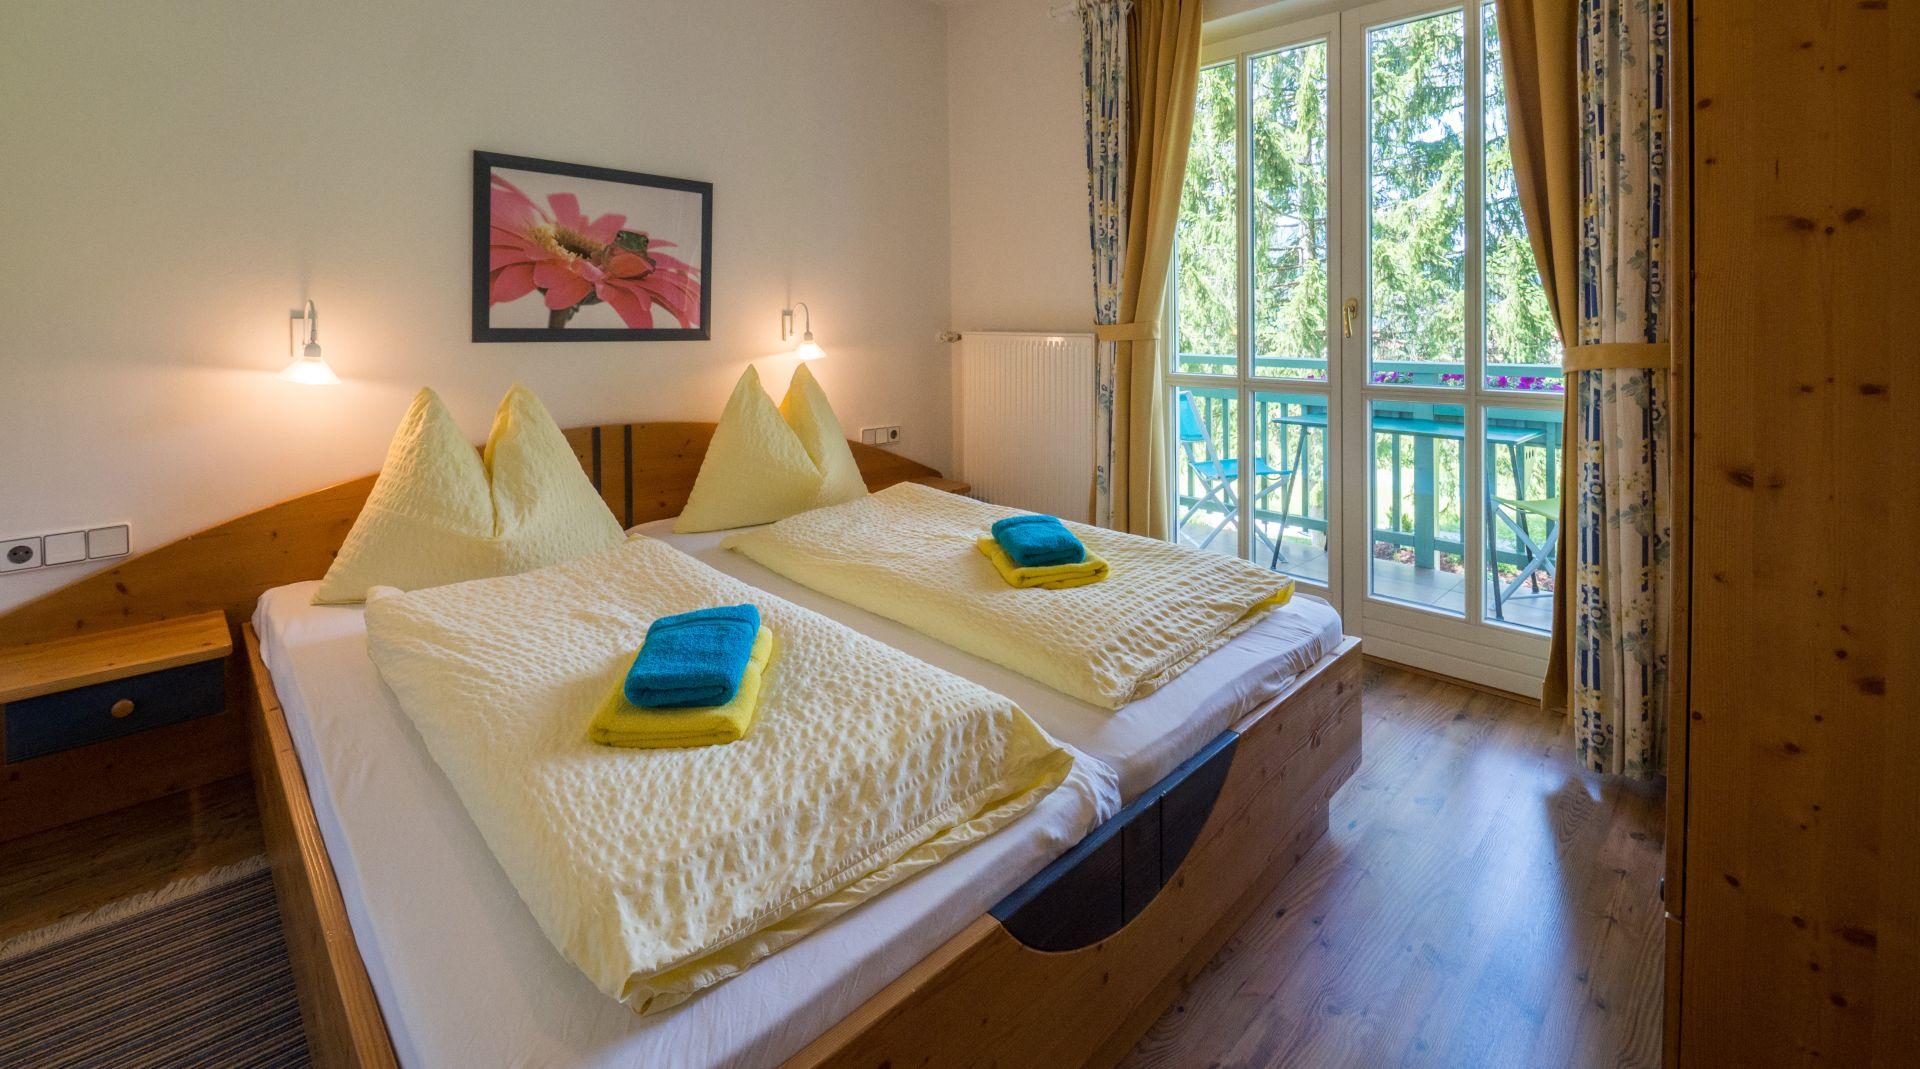 Ferienwohnung Grüner Baum Weissensee Schlafzimmer